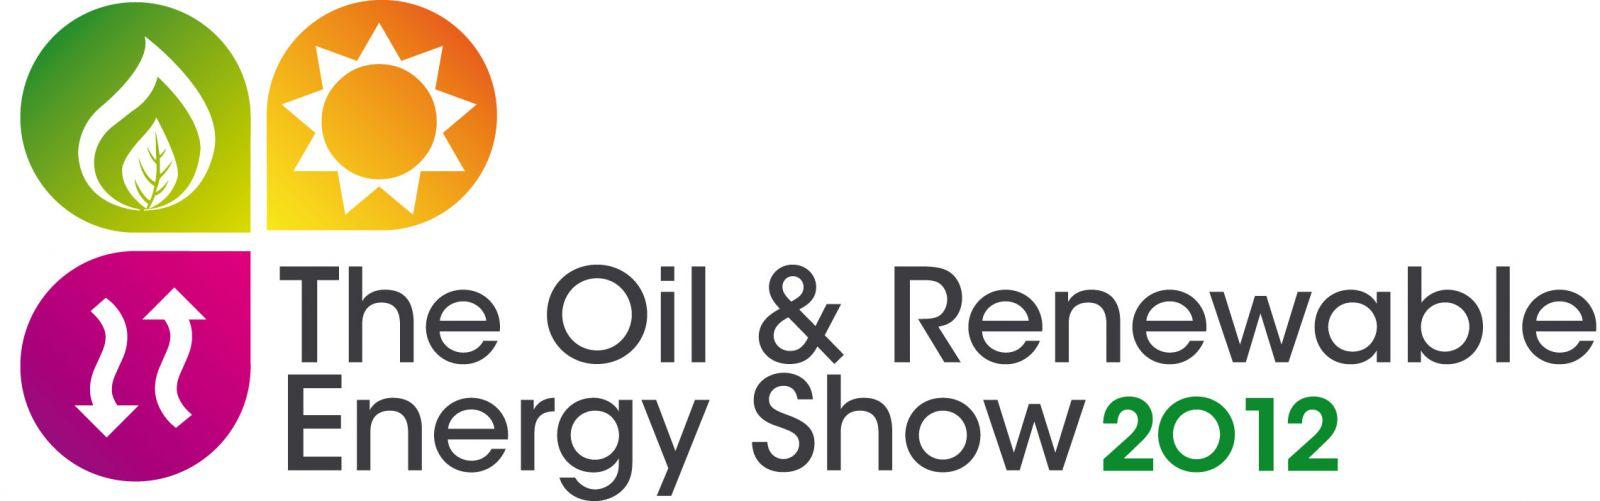 Oil & Renewable Show